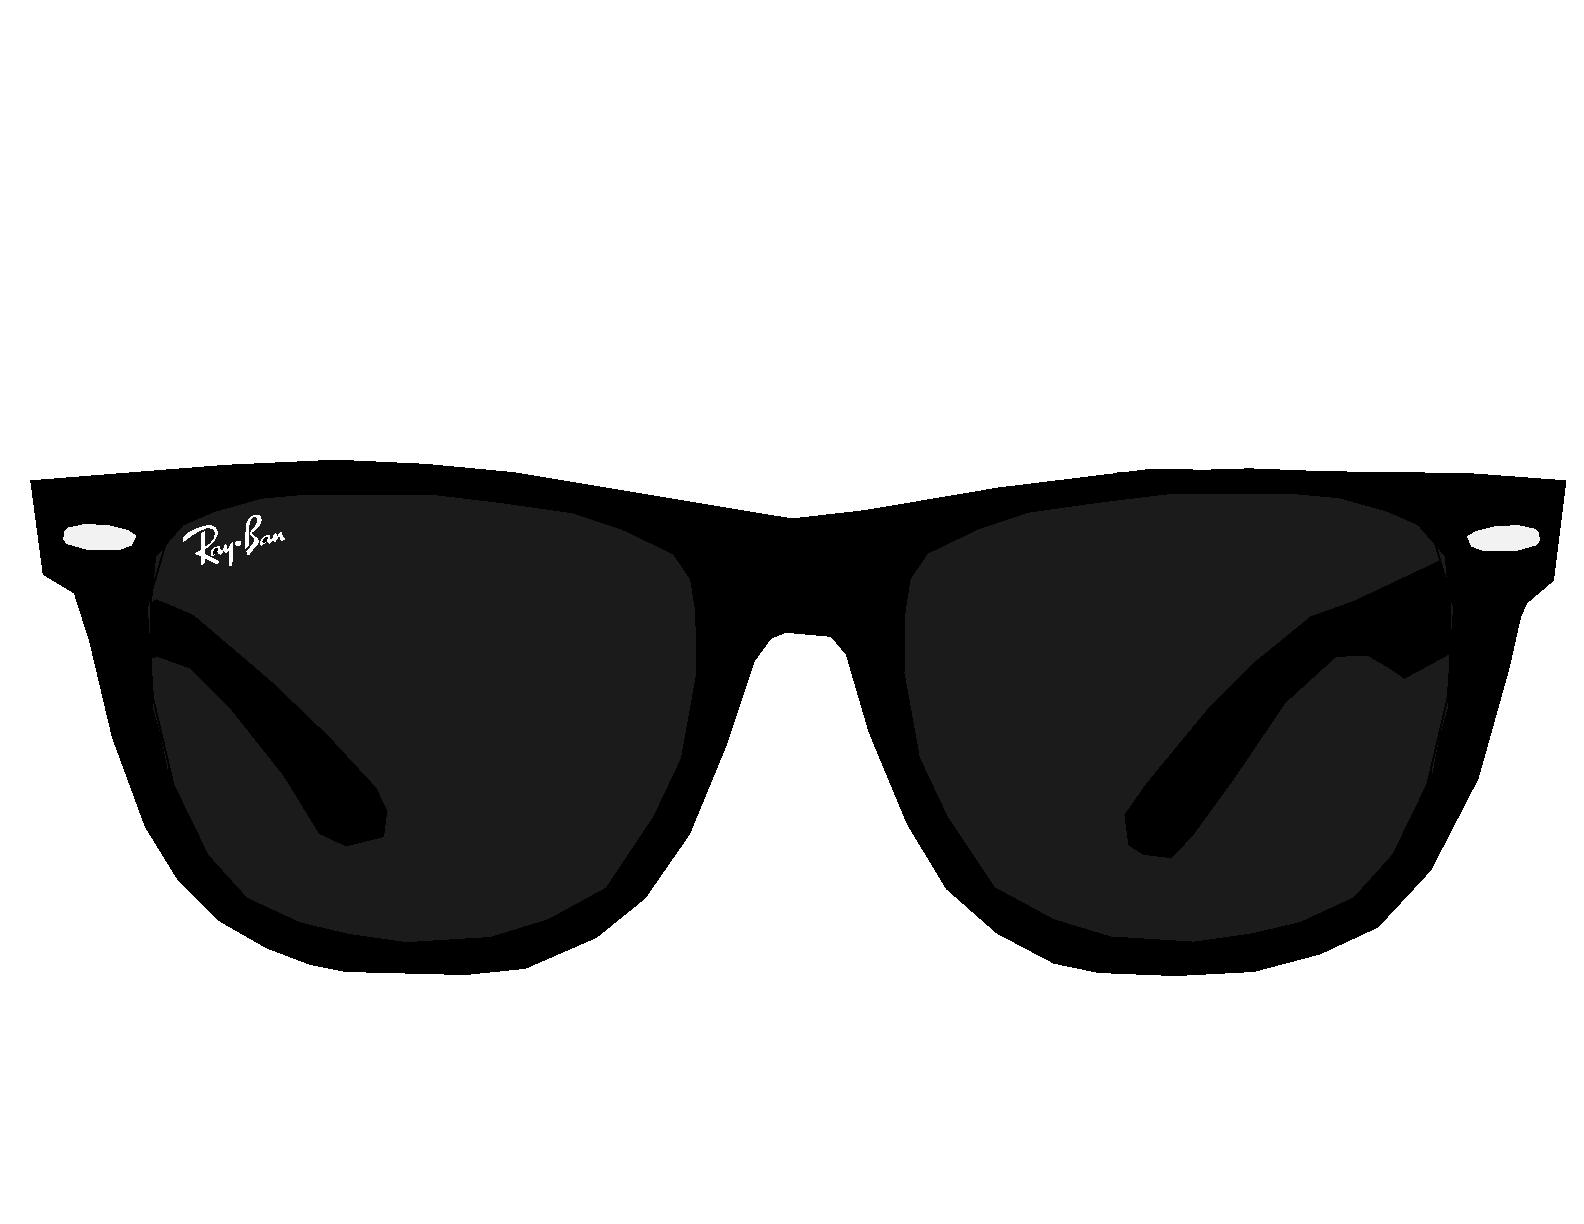 Sunglasses clipart Clip clip images 2 images